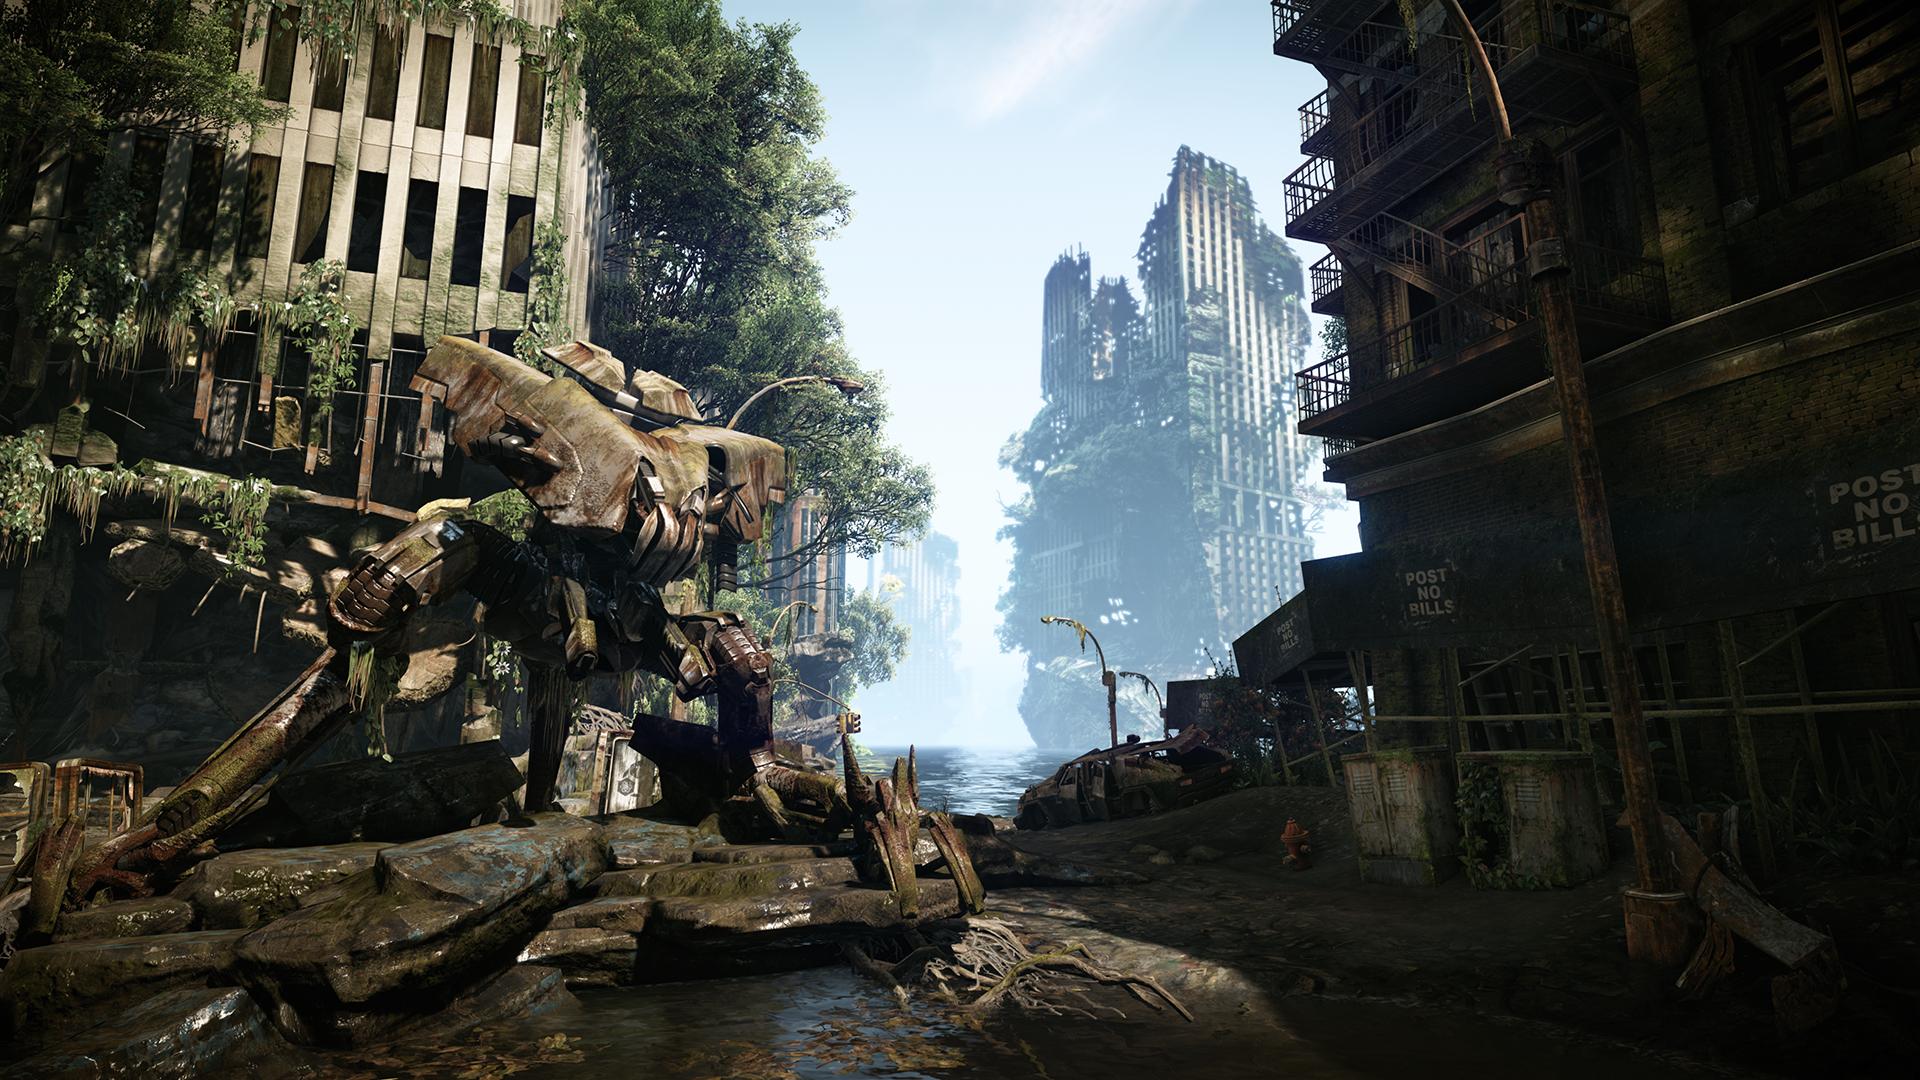 [Tópico Oficial] CRYSIS 3, veja agora o tenso TRAILER do jogo que sai em 2013 Crysis3screenshotcity3skat